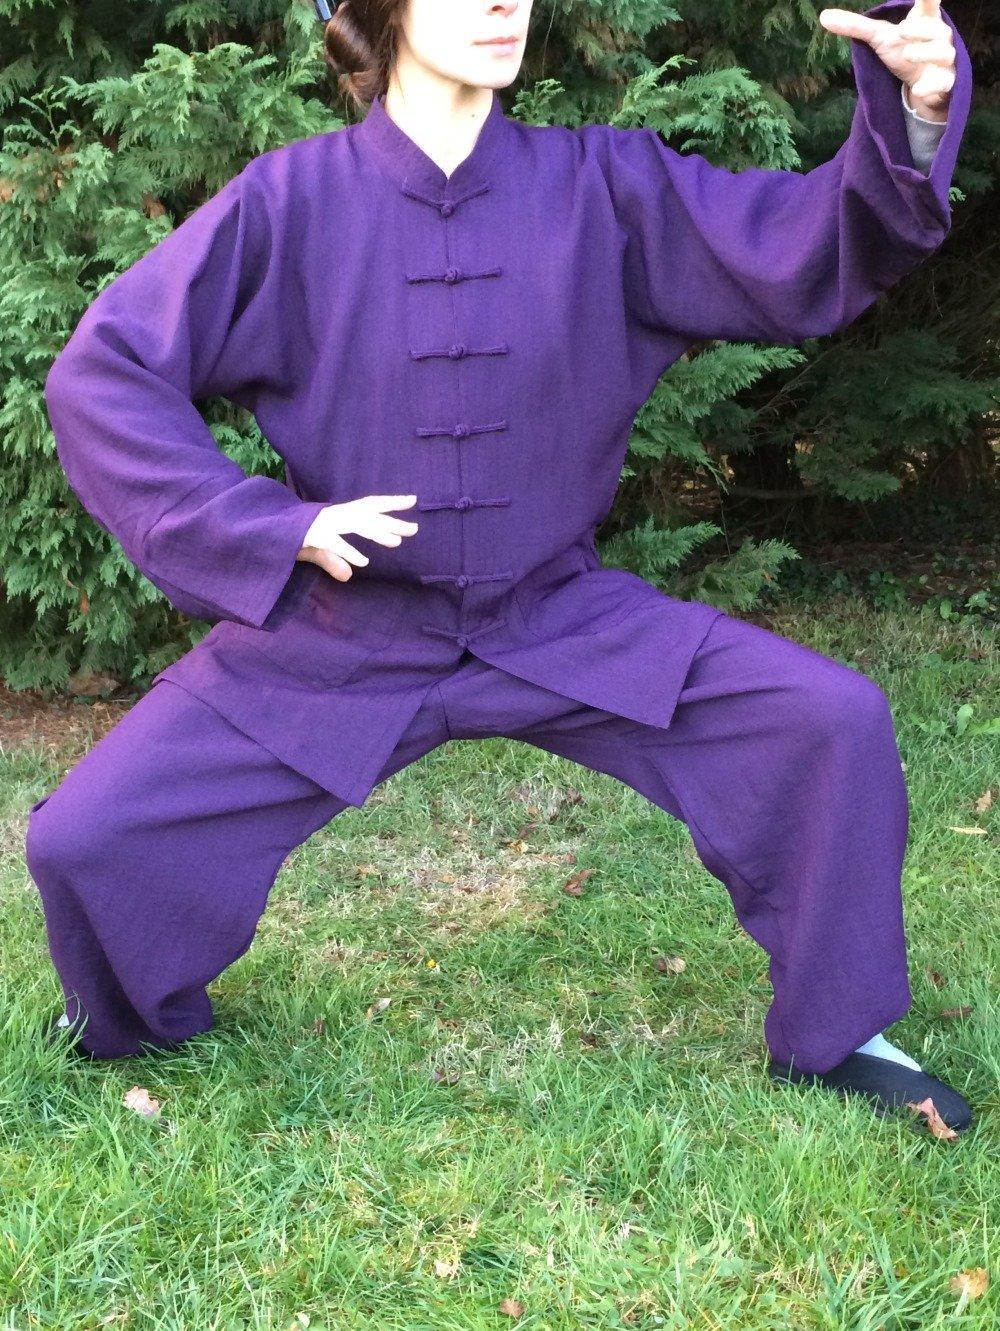 Vêtements Tai Chi Chuan, Qi Gong, Kung Fu. Ensemble violet